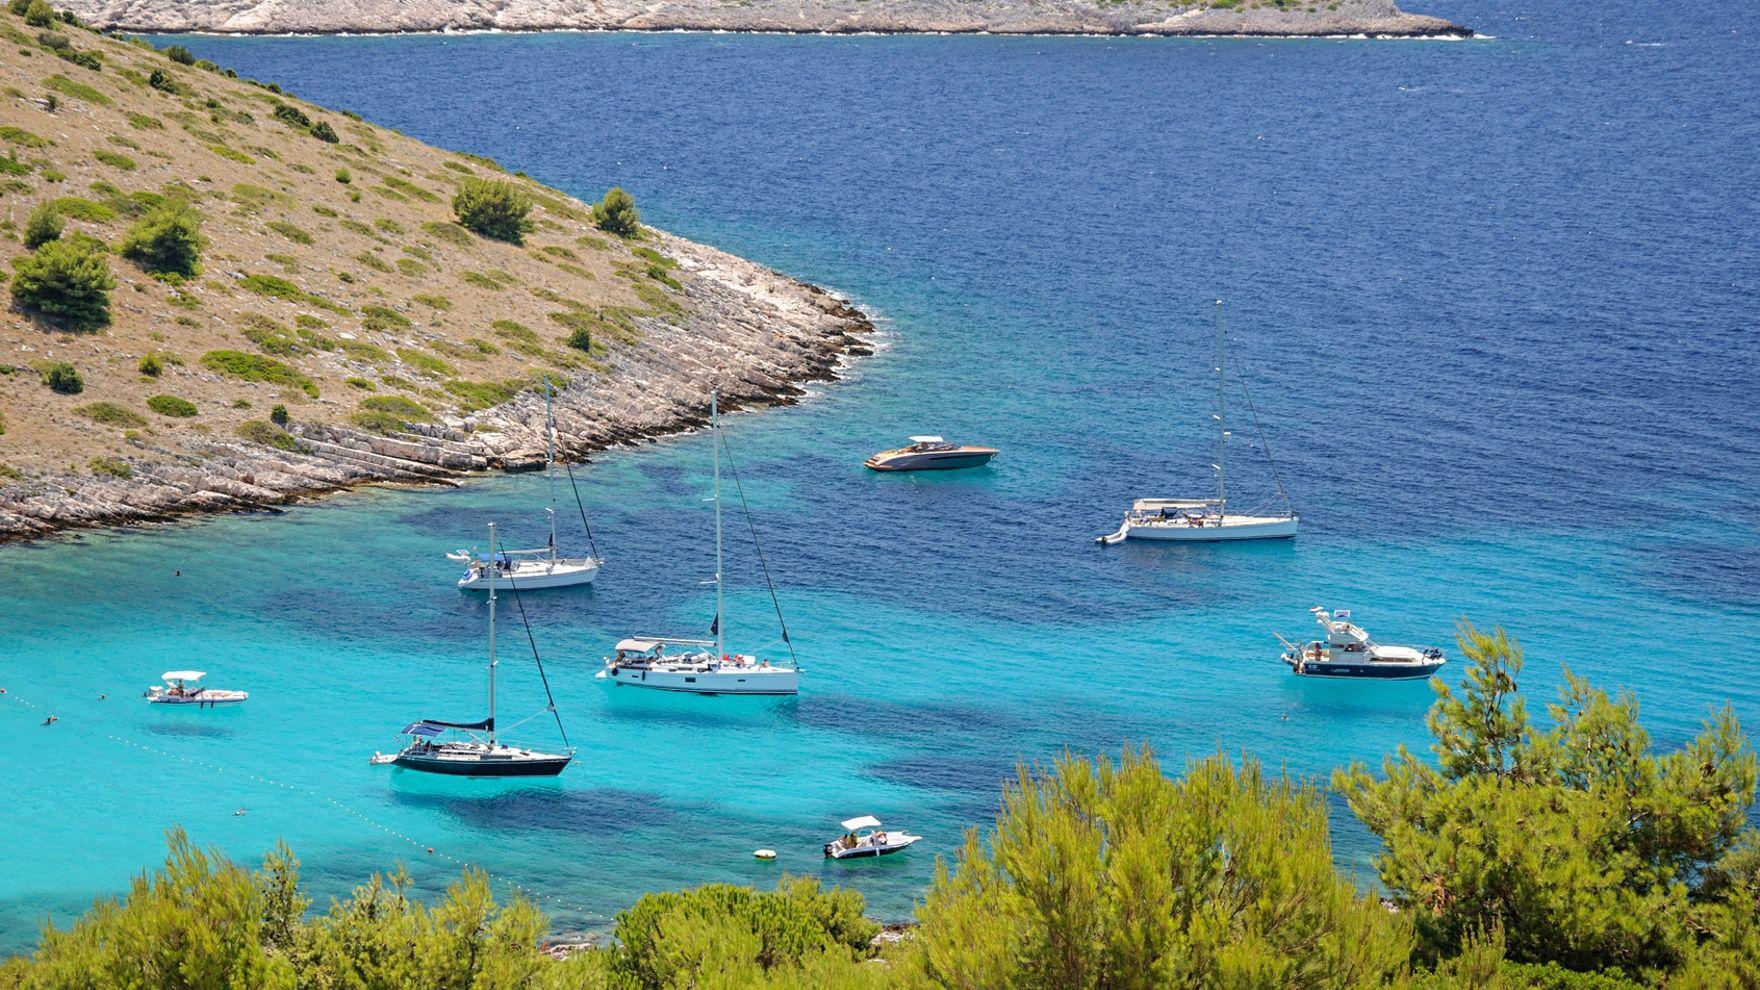 Учебный переход Malta — Tivat